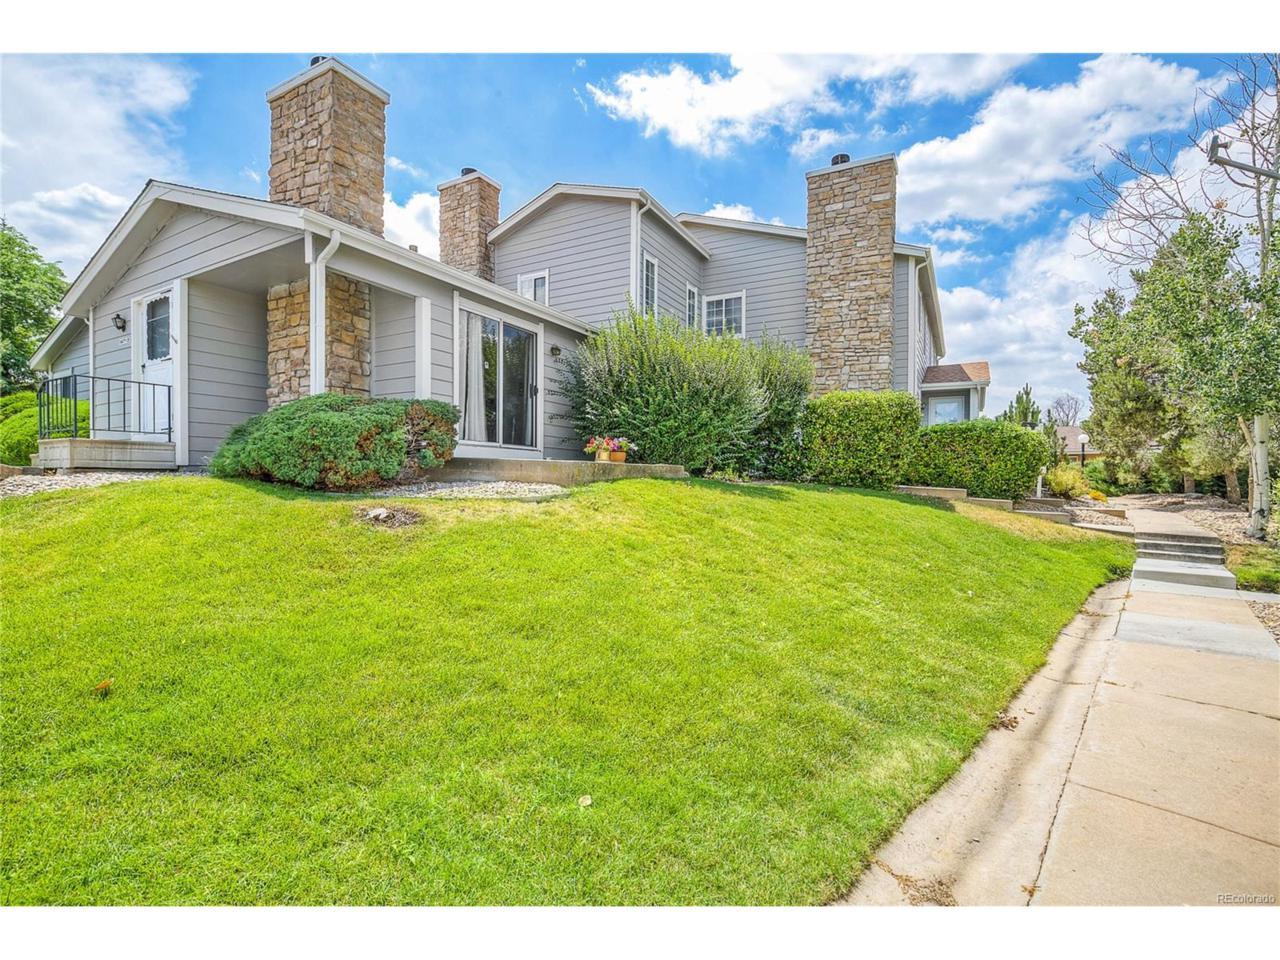 8471 Everett Way B, Arvada, CO 80005 (MLS #9006454) :: 8z Real Estate